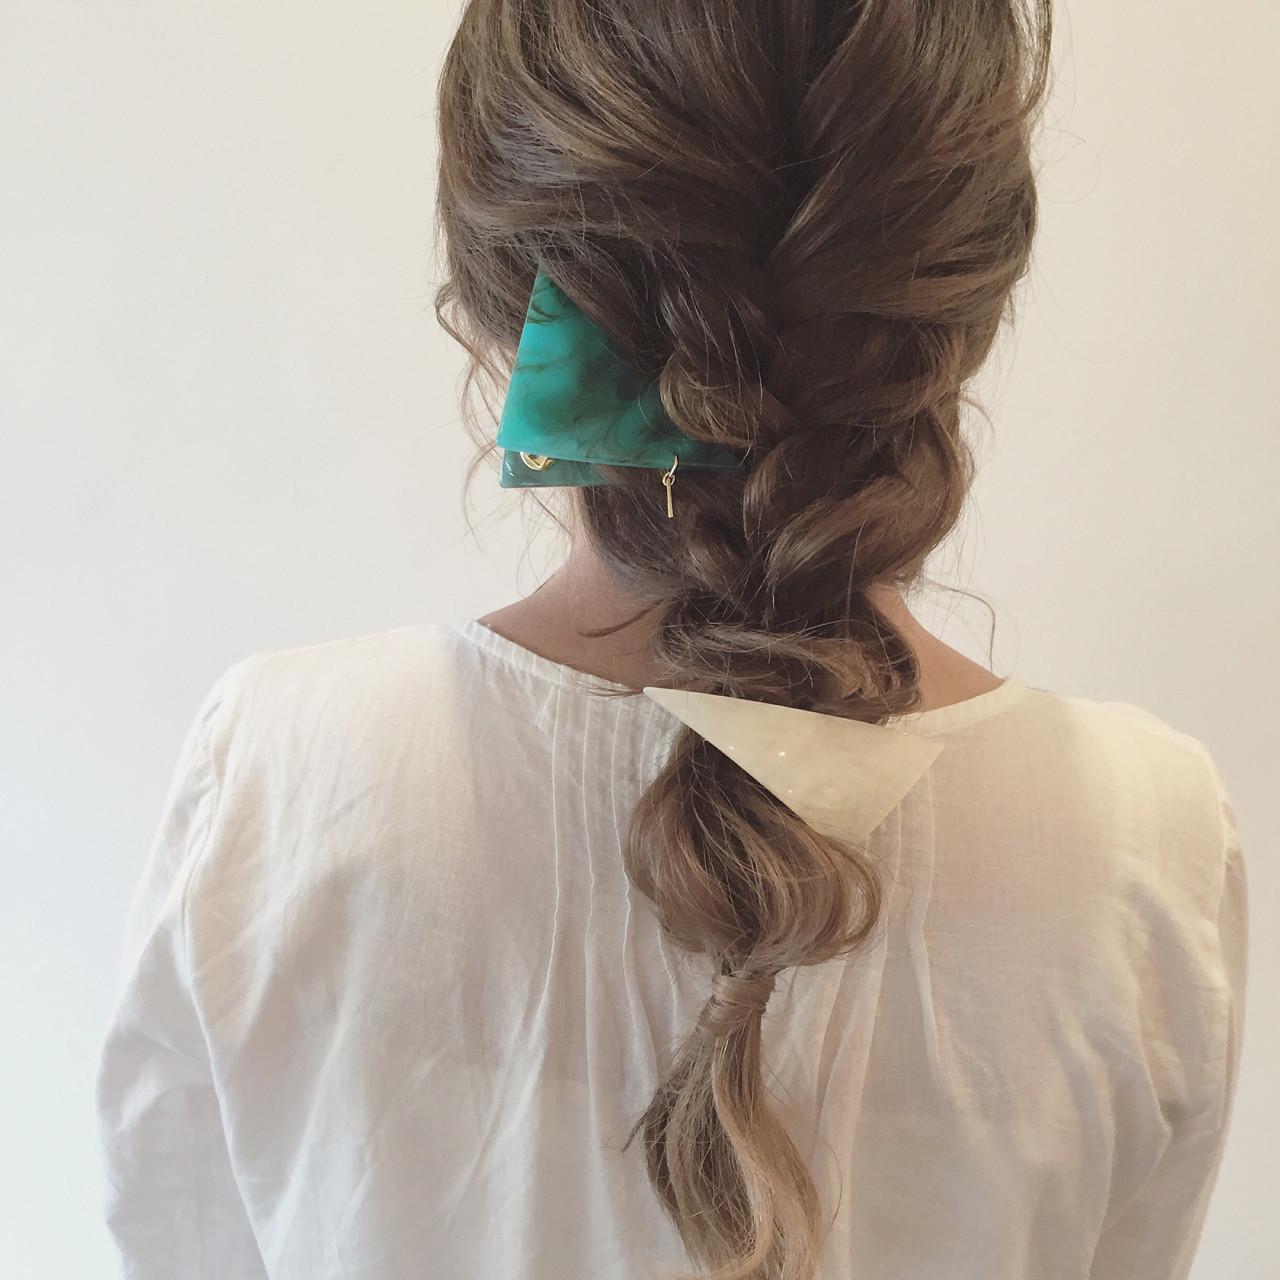 【簡単】可愛さ無限大な三つ編みヘアアレンジでこなれヘアに♡ ange maco